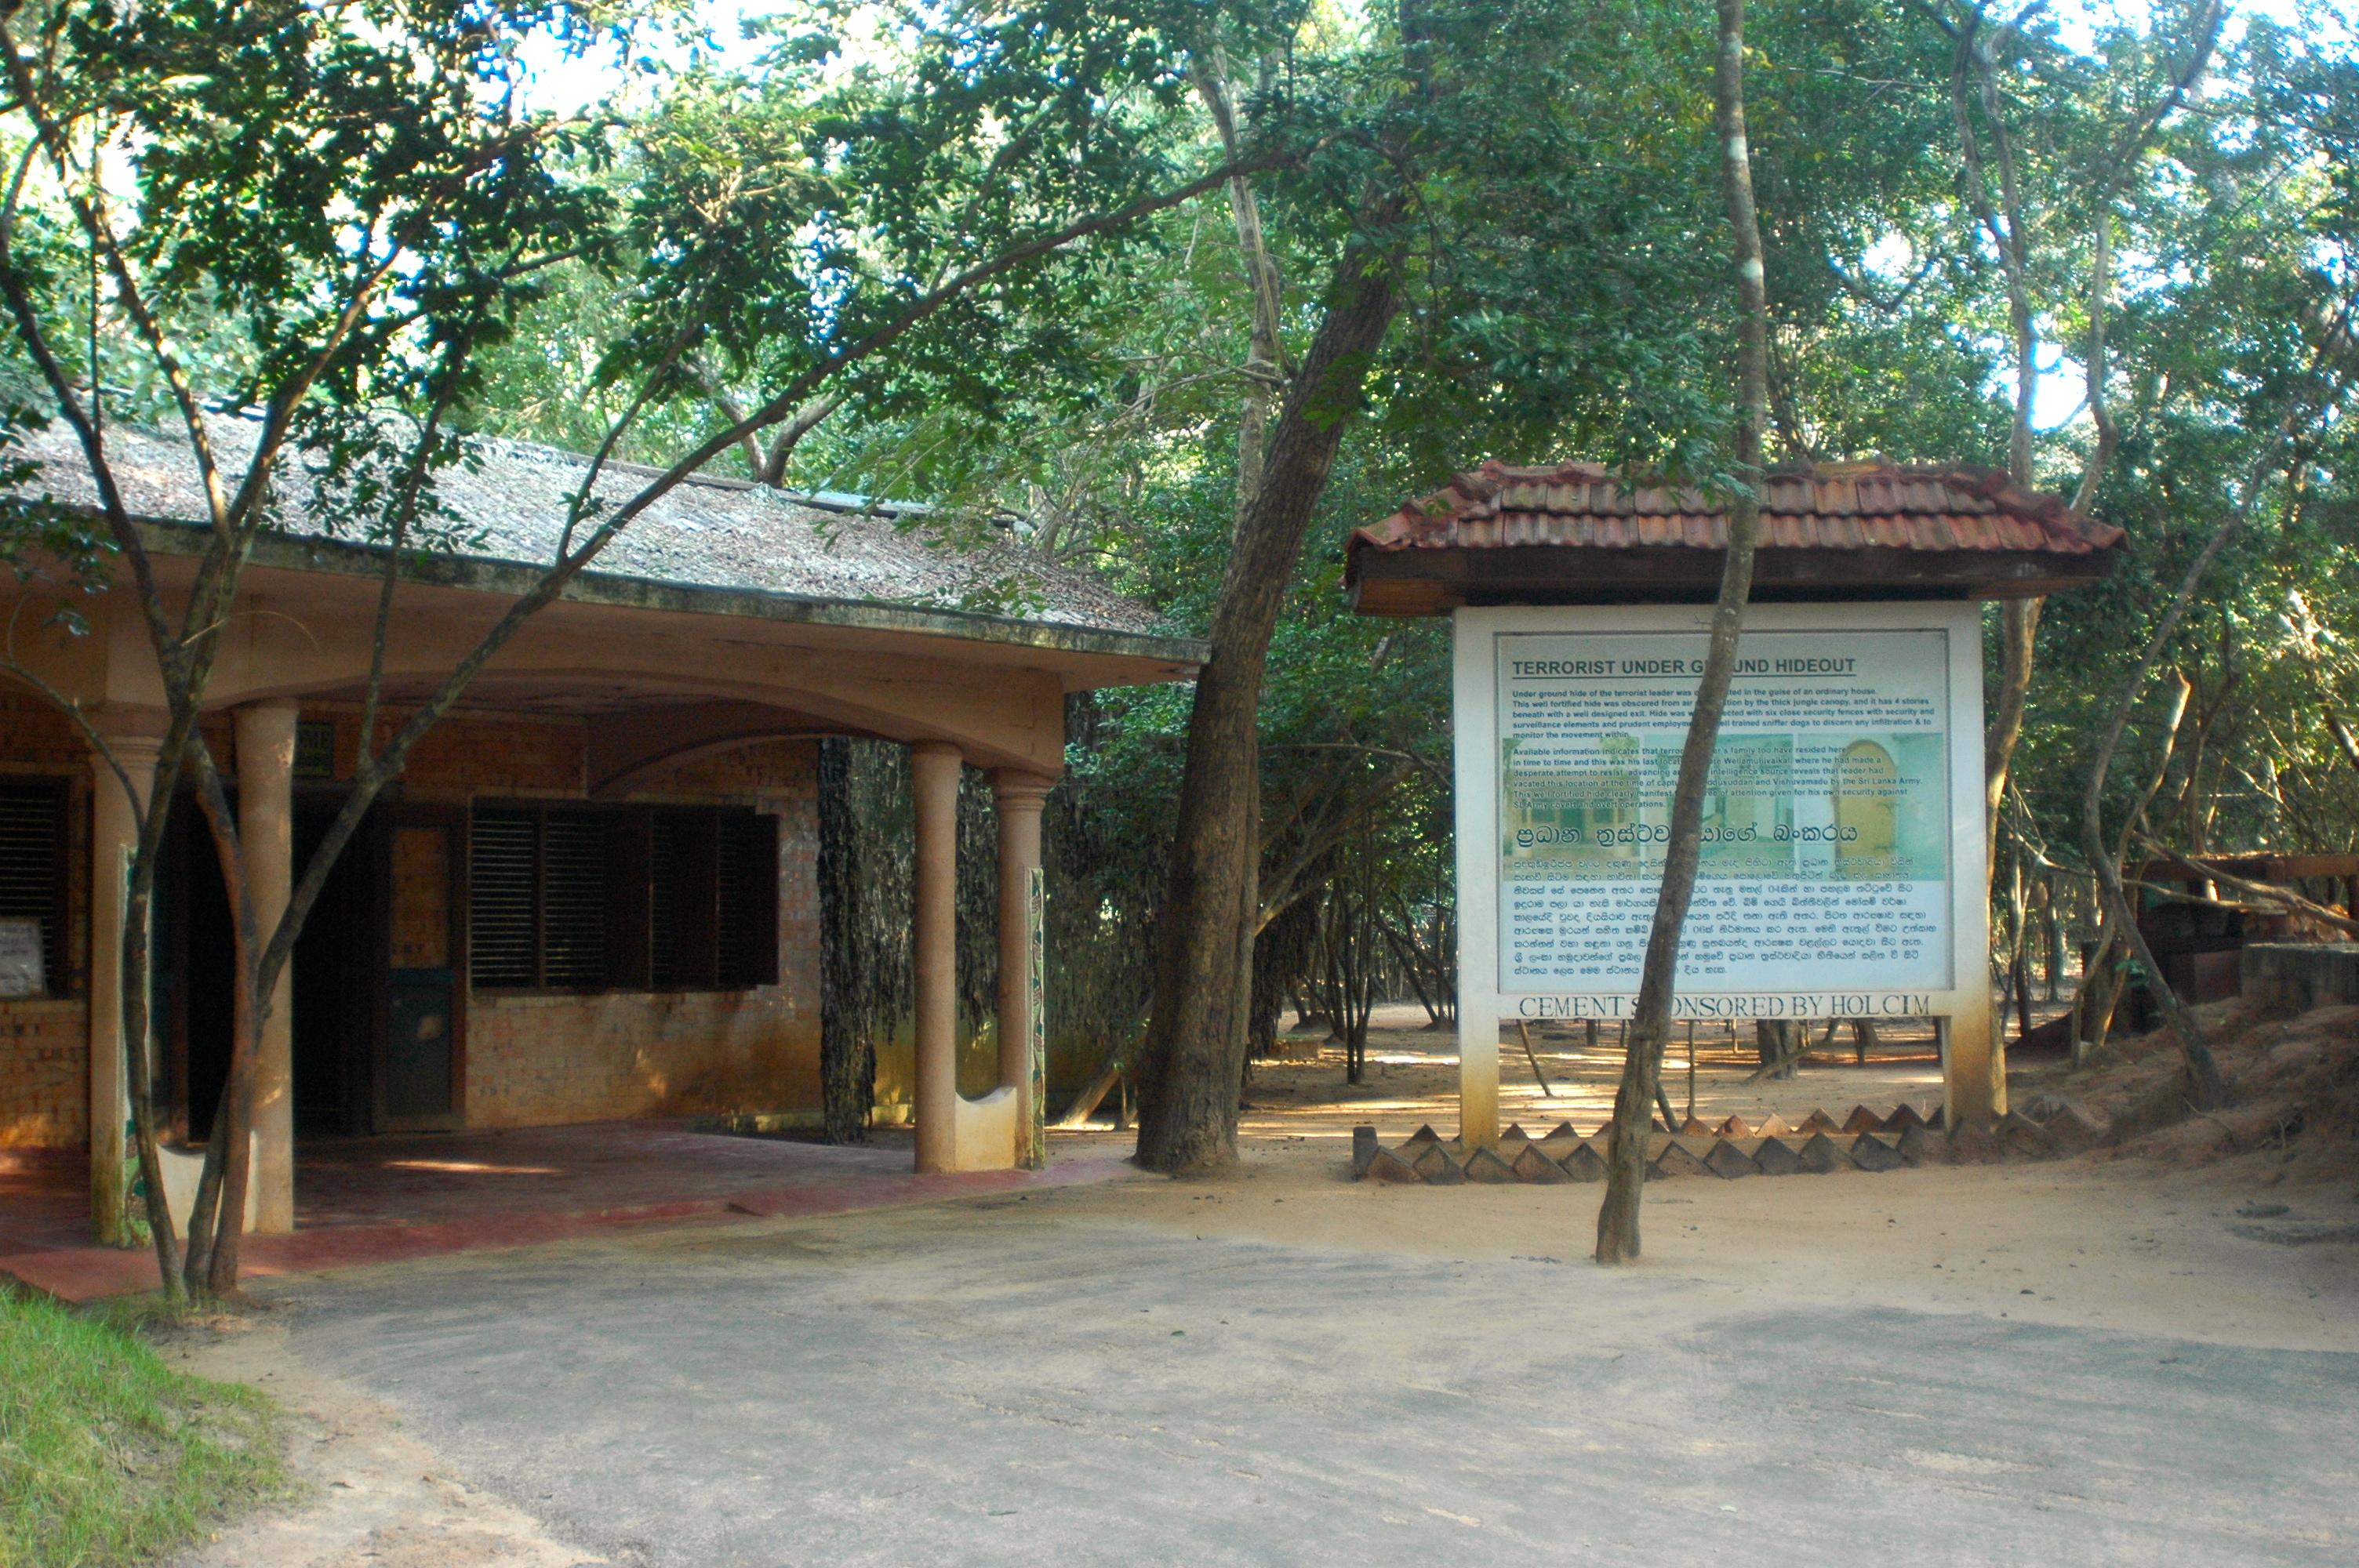 Prabhakaran House Pictures Prabhakaran House Pict...